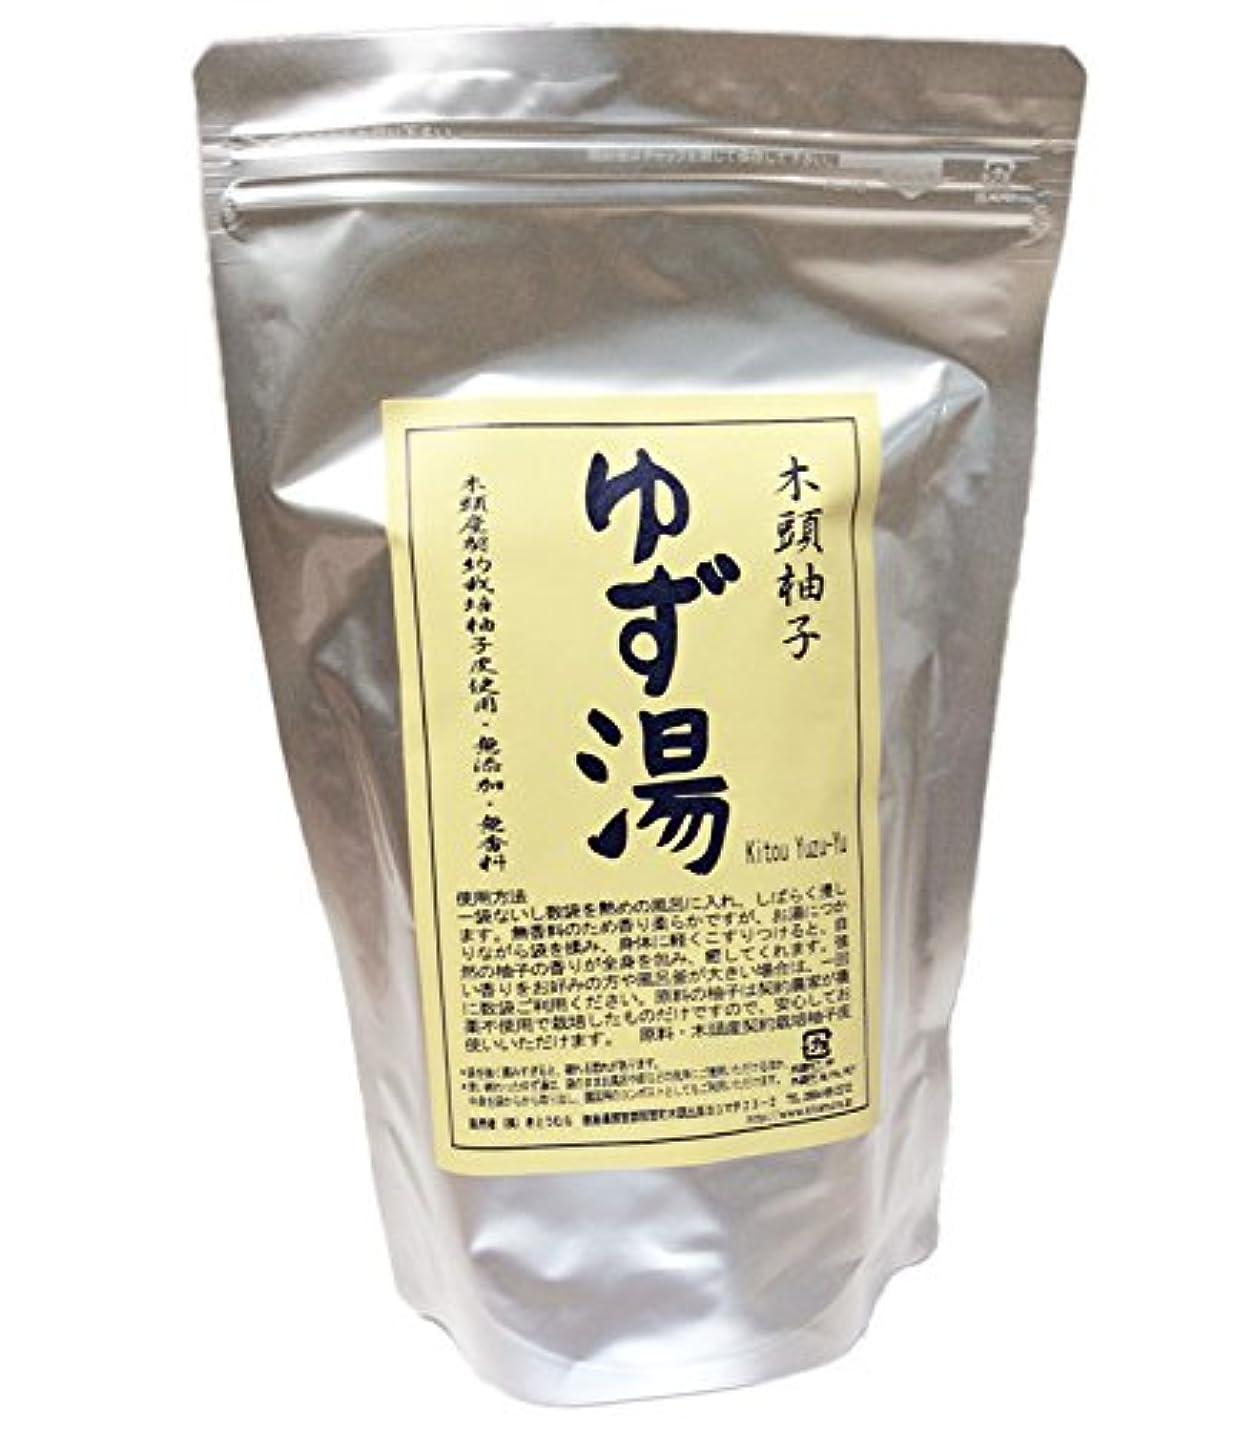 予防接種する感染する限りなくきとうむら オーガニック 木頭柚子ゆず湯 (徳用) 30g×15パック入